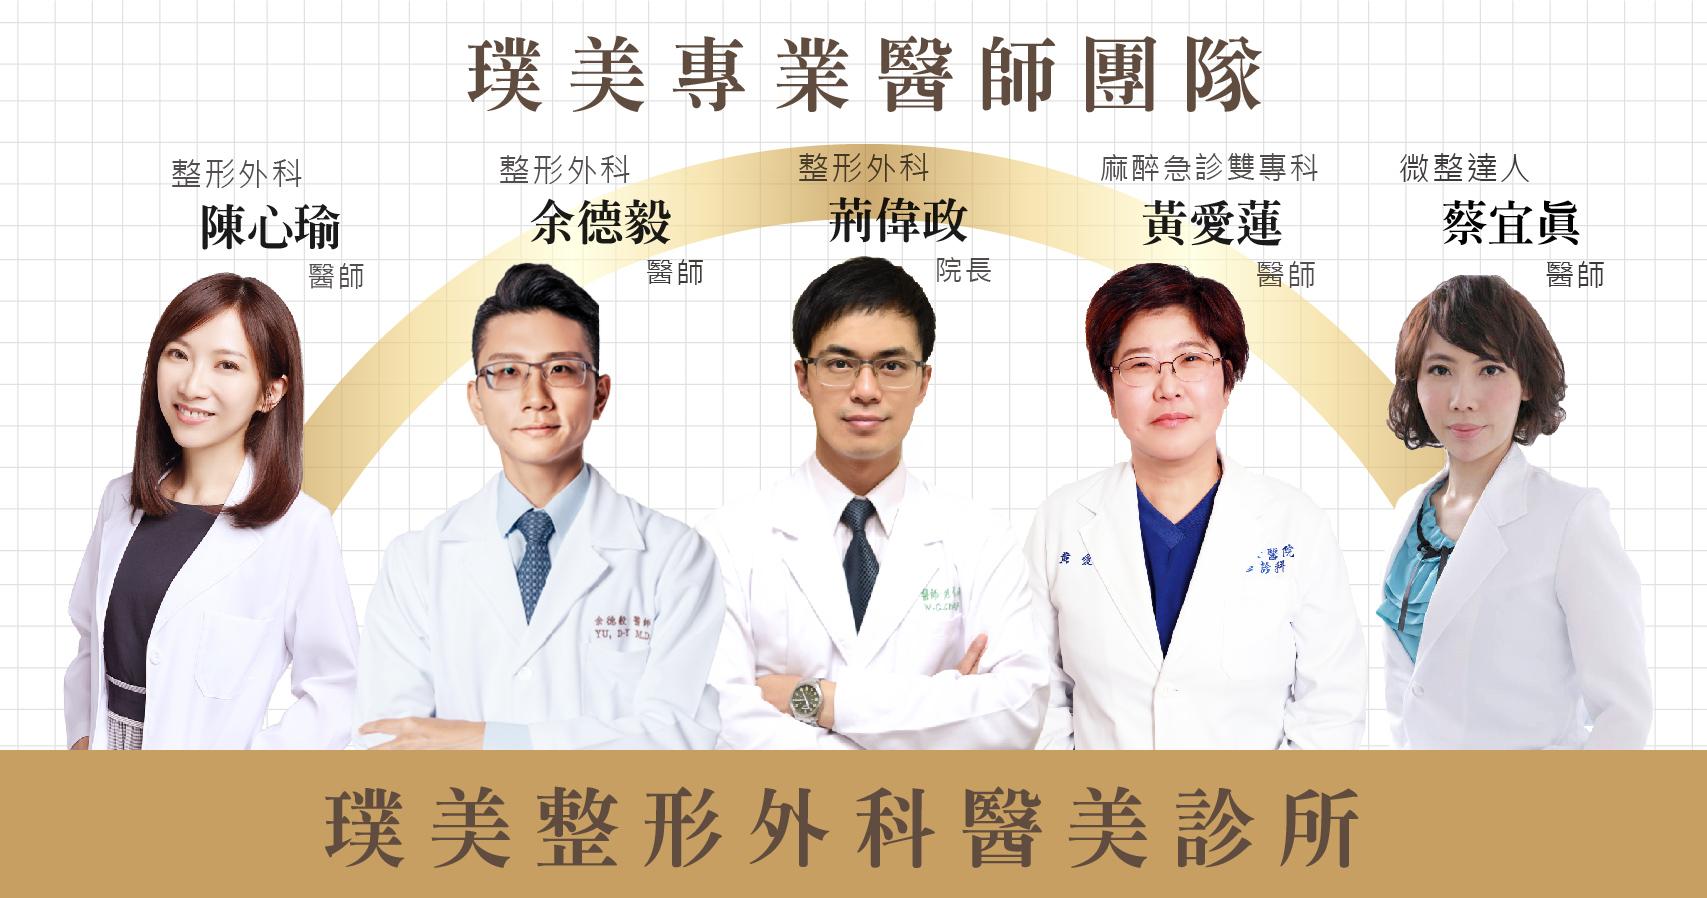 璞美醫師團隊